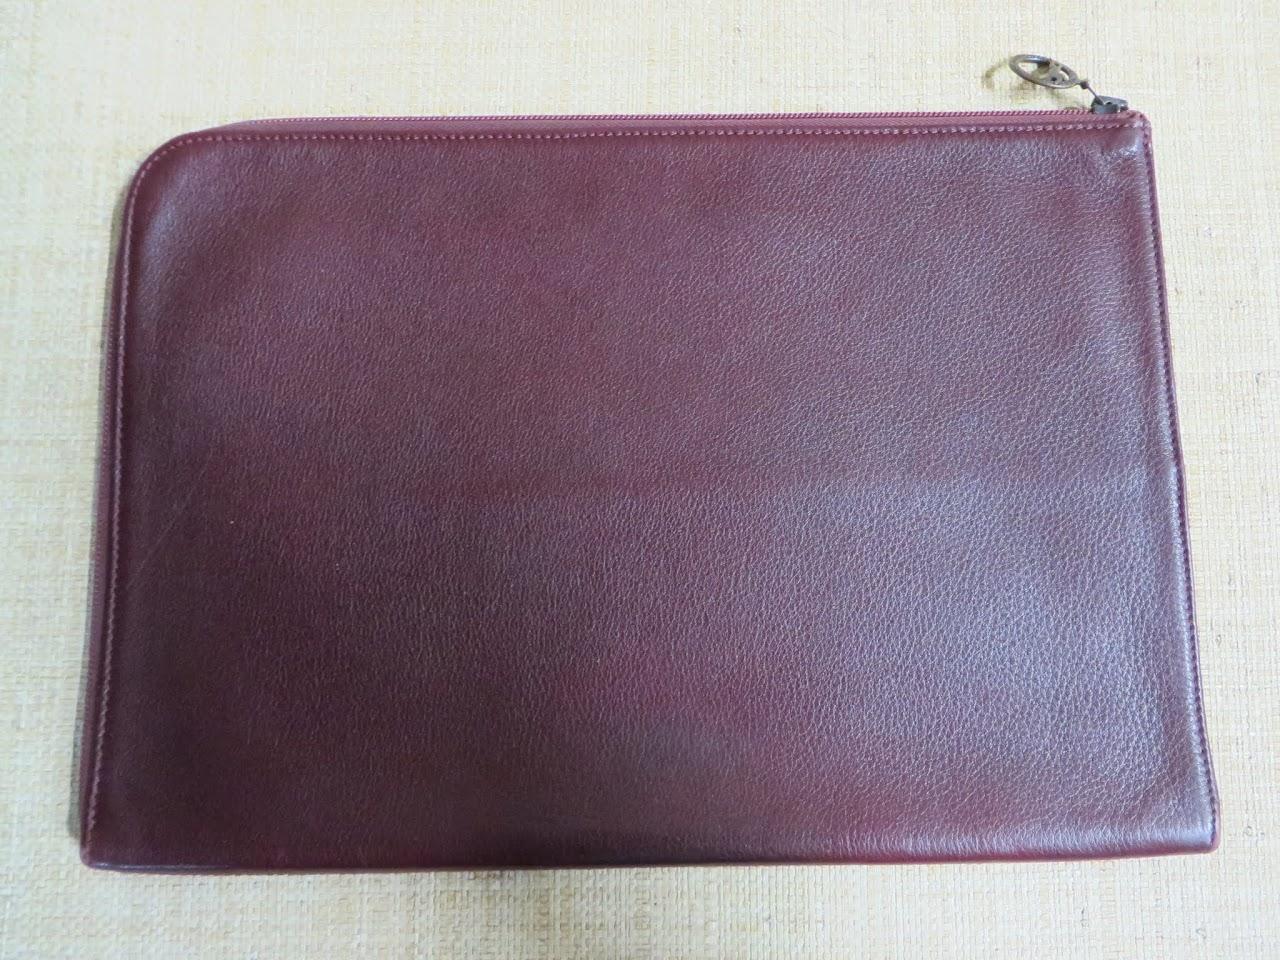 Longchamp Horchow Collection Portfolio Case